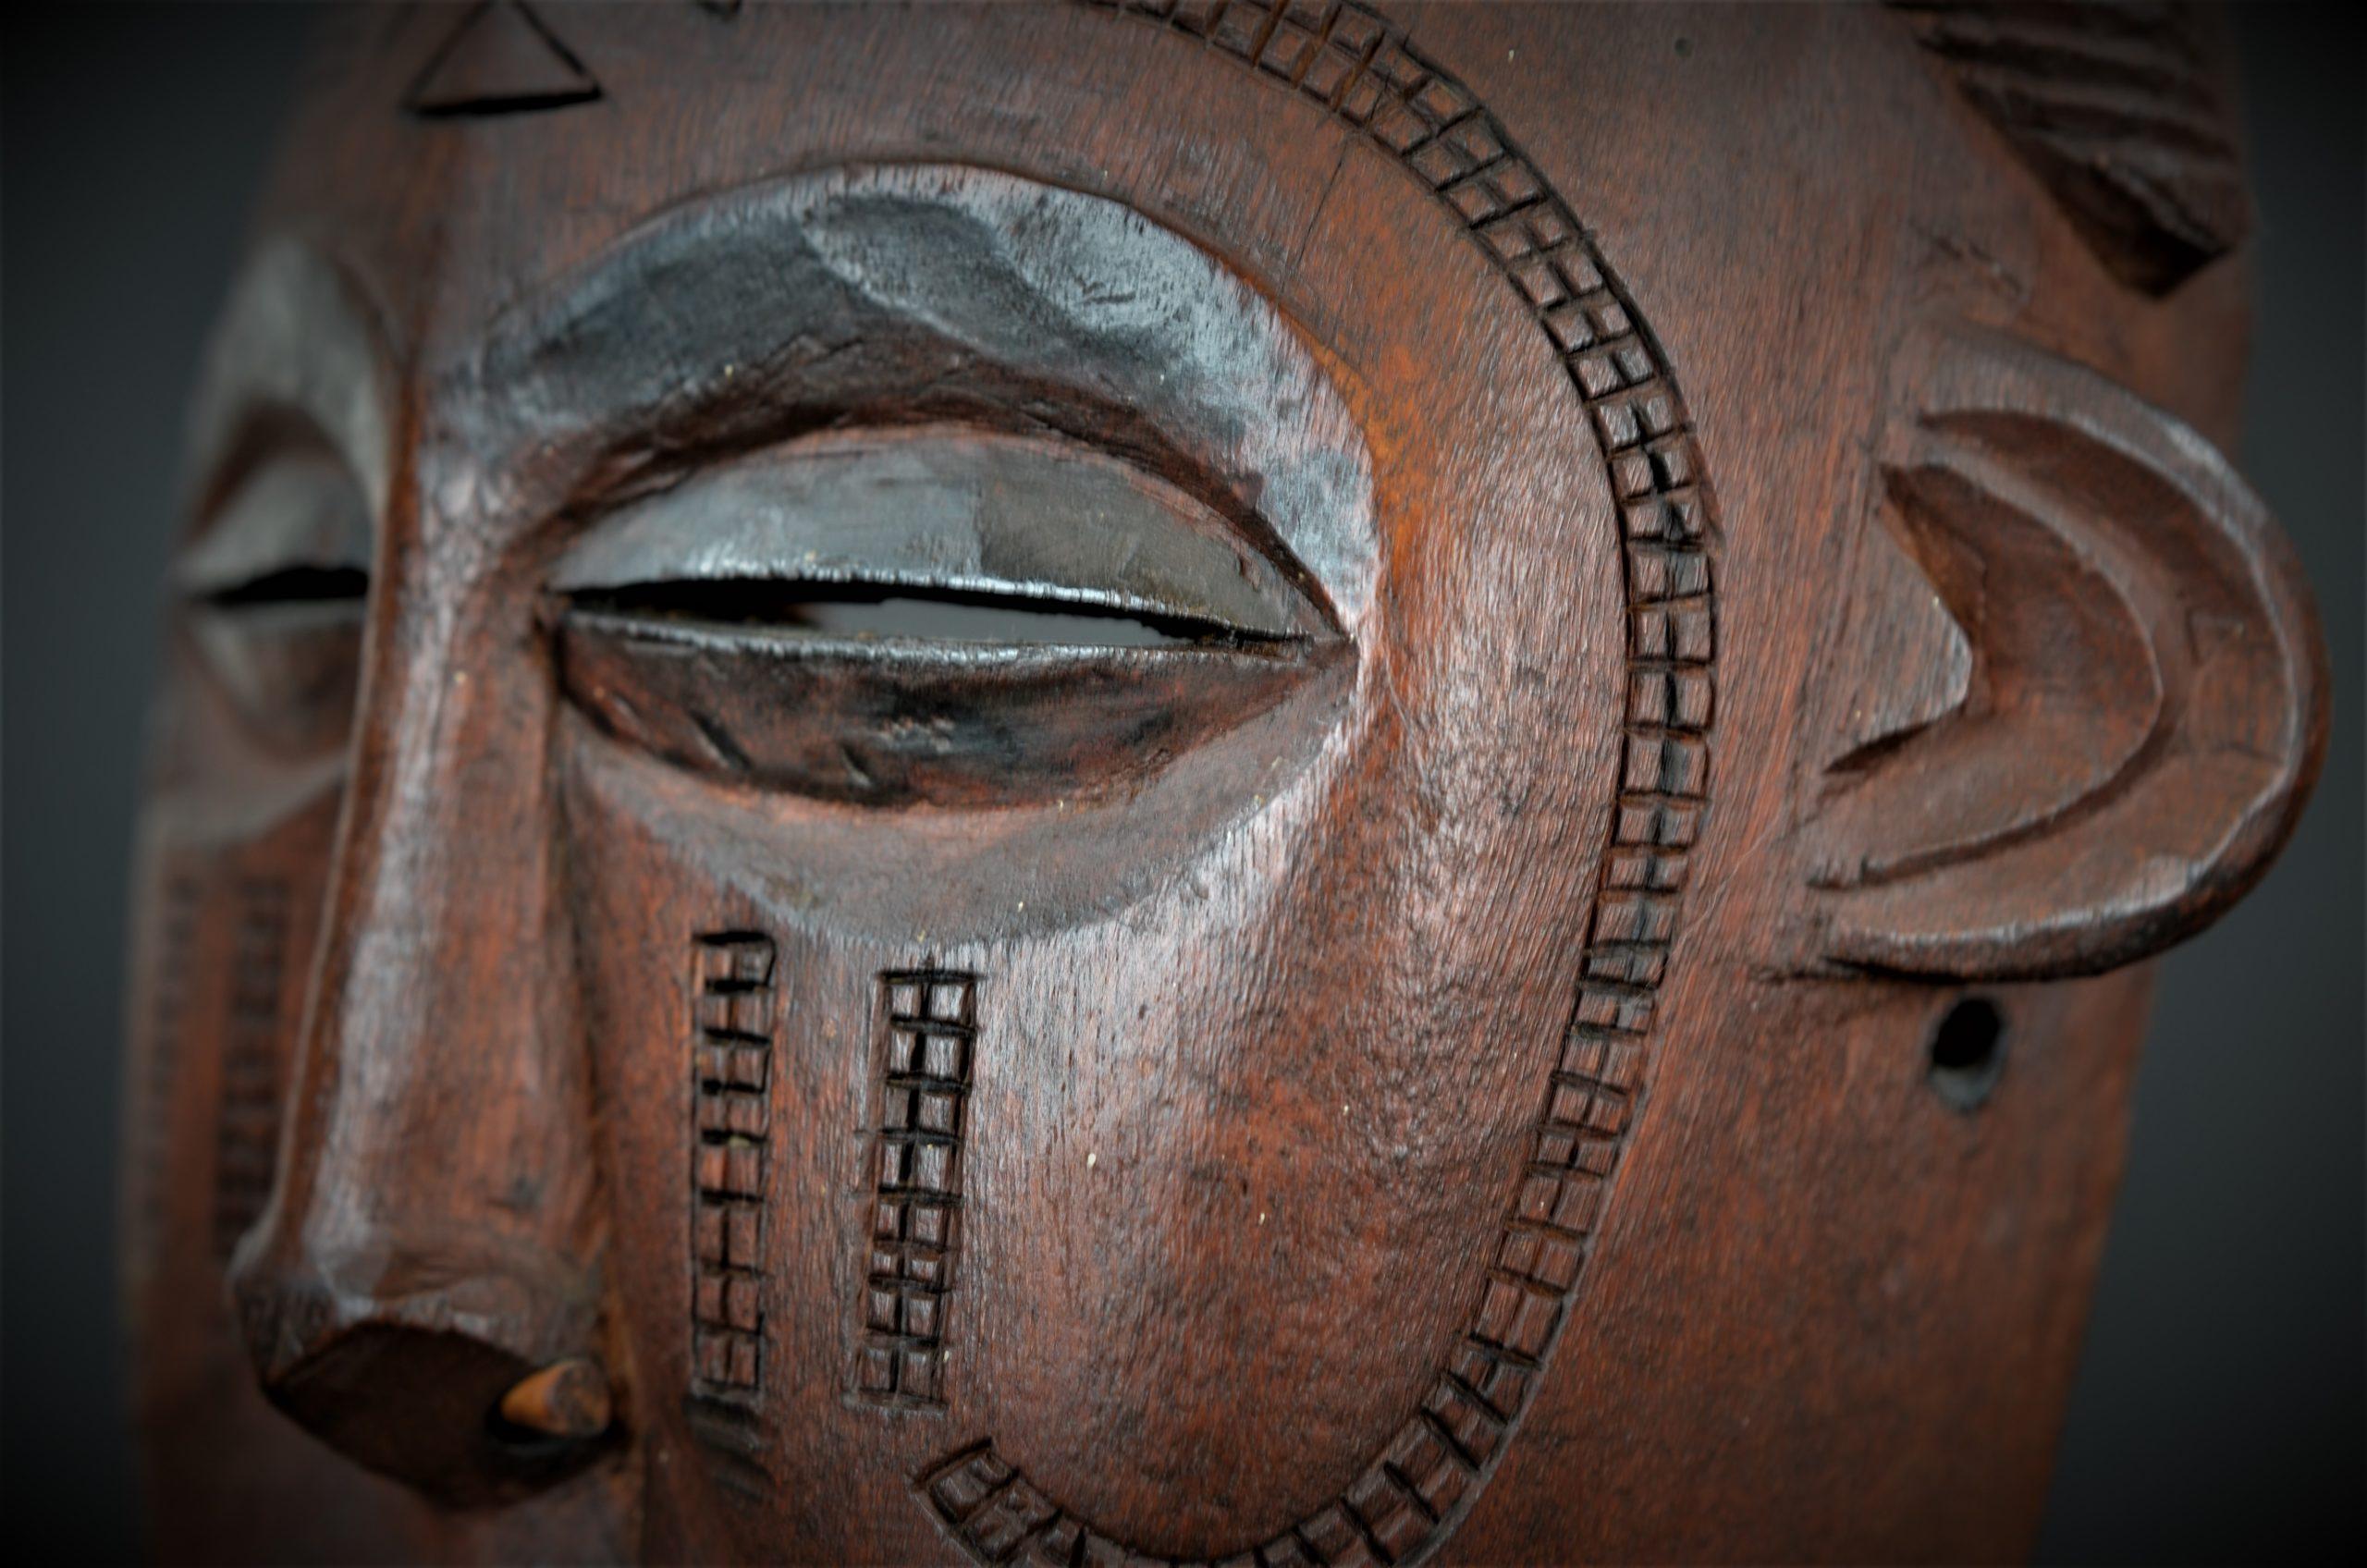 masque chokwe 14